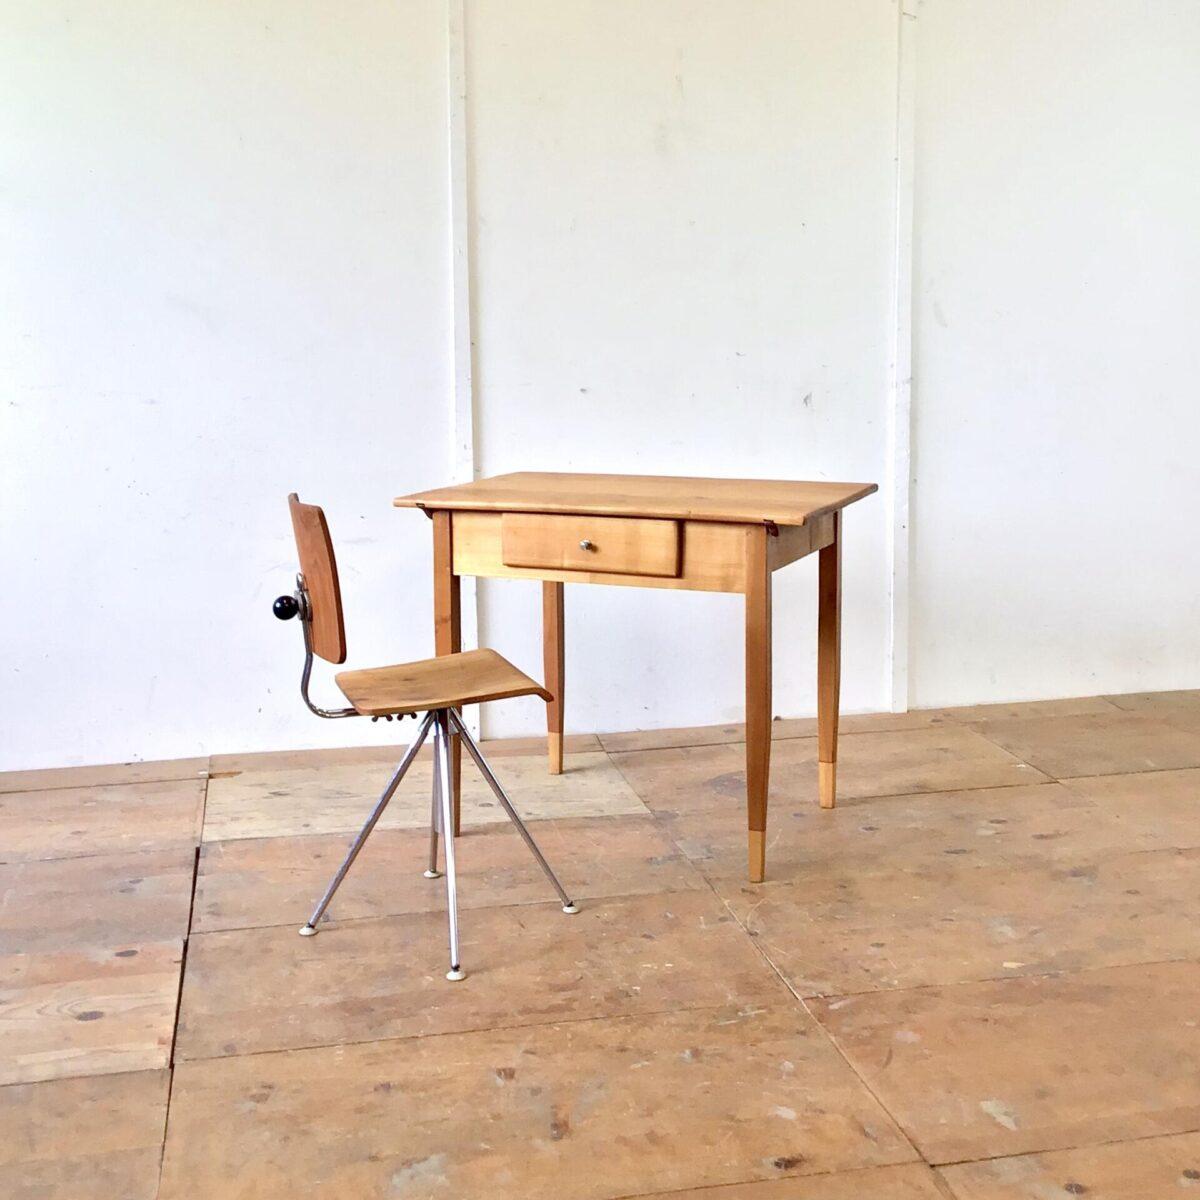 Deuxieme.shop Biedermeiertisch. Kirschbaum Schreibtisch mit Schublade. 92x63.5cm Höhe 75cm. Der Schreibtisch oder Küchentisch hat auf der Tischoberfläche drei flicke aus Messing. Die Holzoberfläche ist mit Naturöl behandelt. Die Tischbeine wurden mal verlängert. Insgesamt sehr feingliedrig und leichtfüssig.